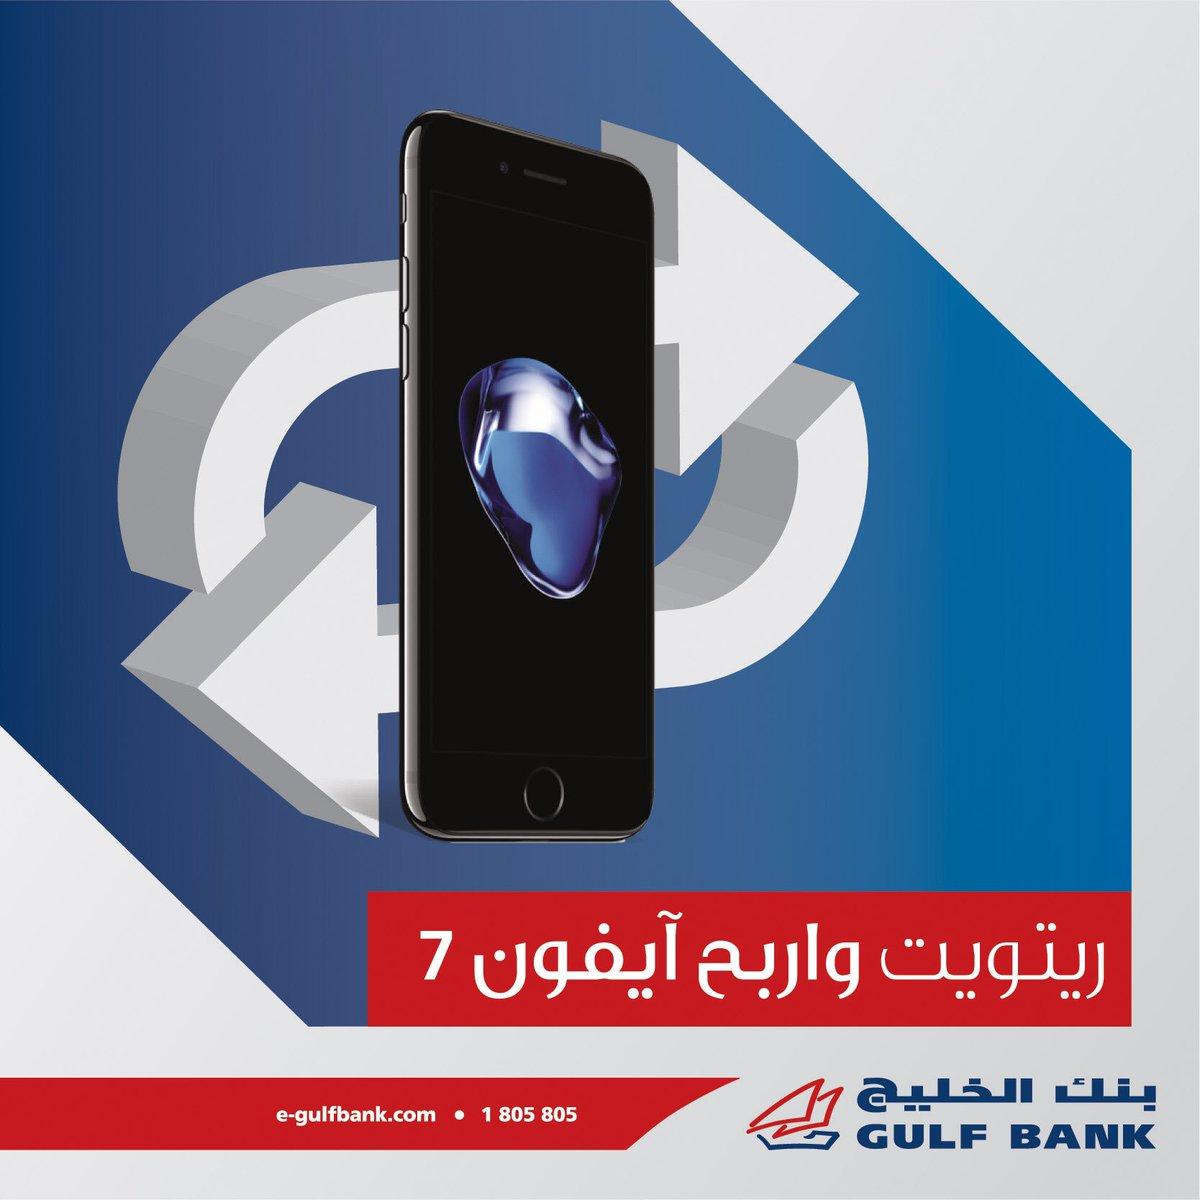 تابع حساب بنك الخليج في تويتر + ريتويت واربح جهاز iPhone 7  #Gulfbankcompetition https://t.co/UTxuATsYil